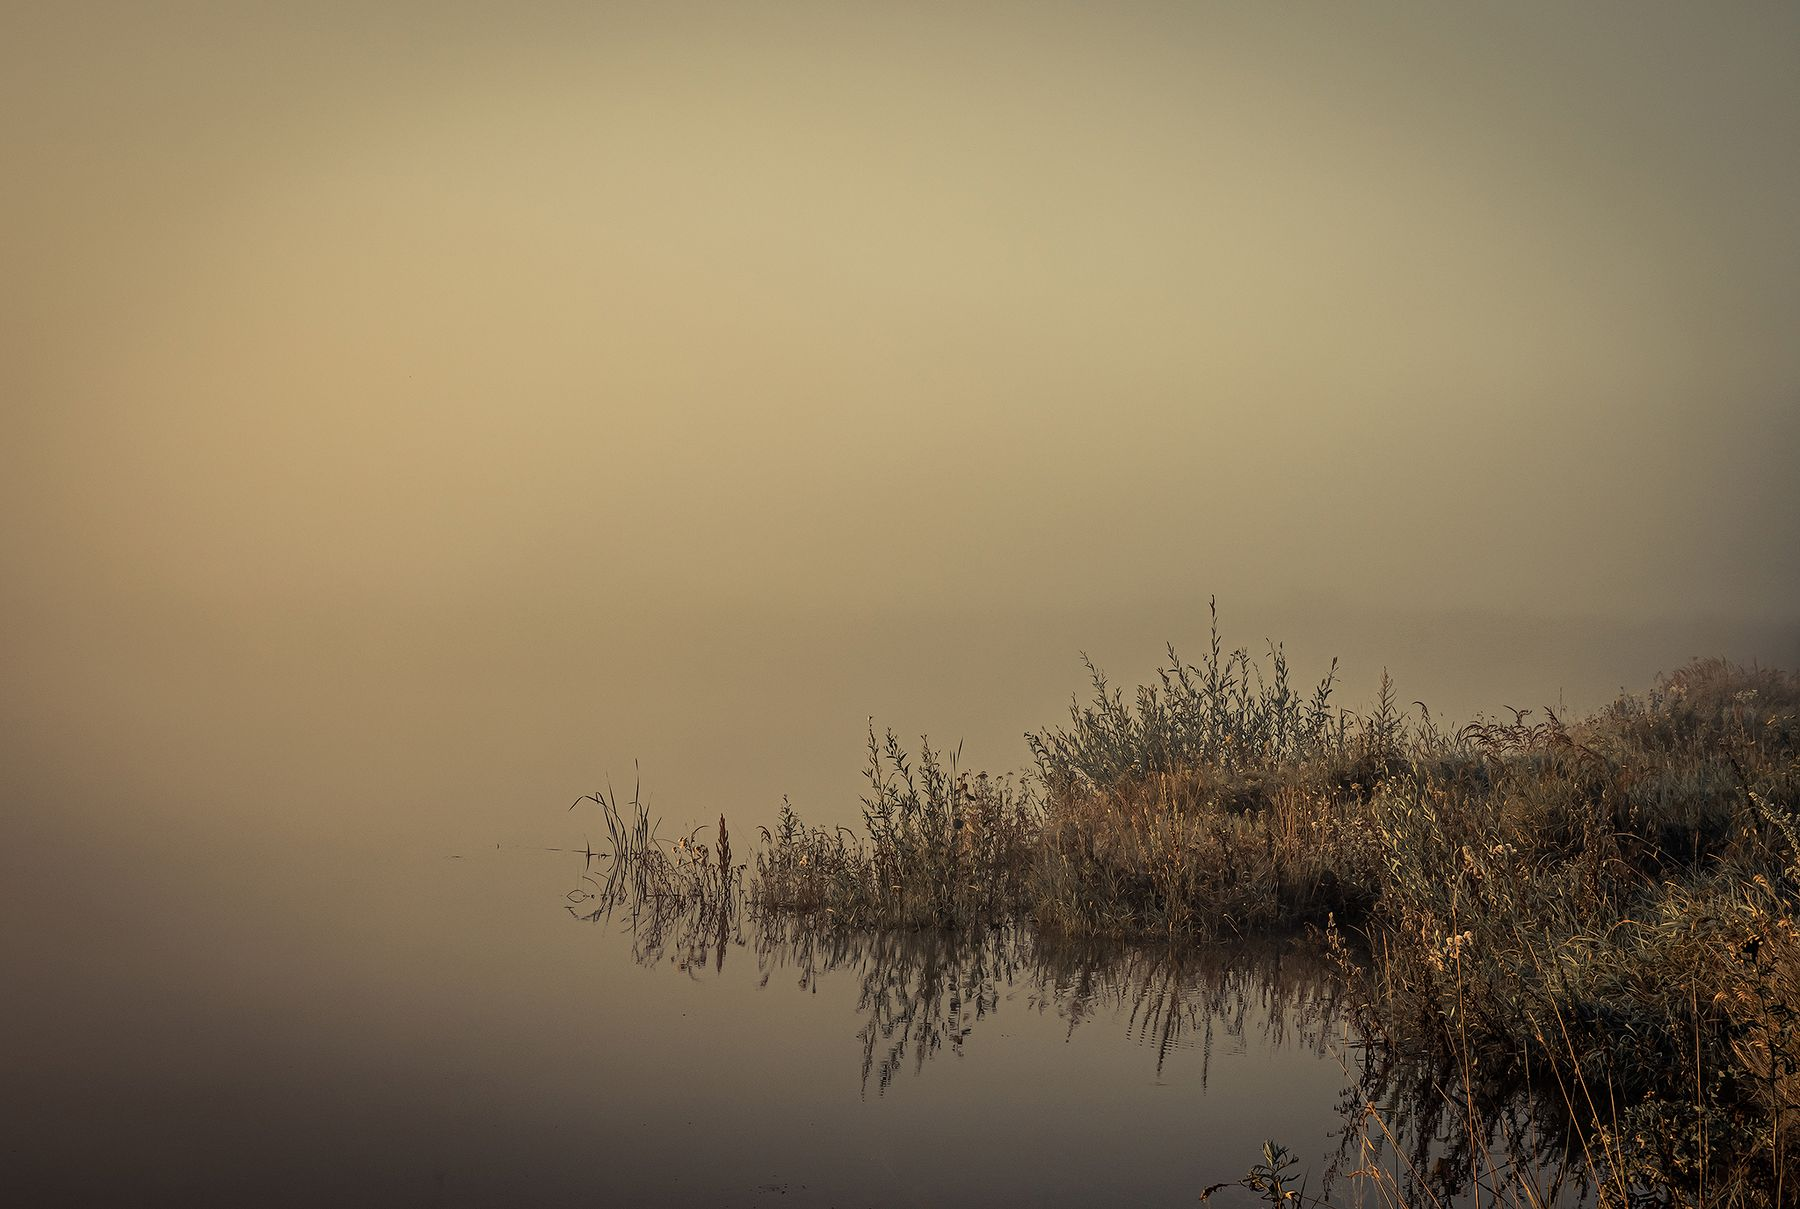 Утро туманное Утро река туман берег